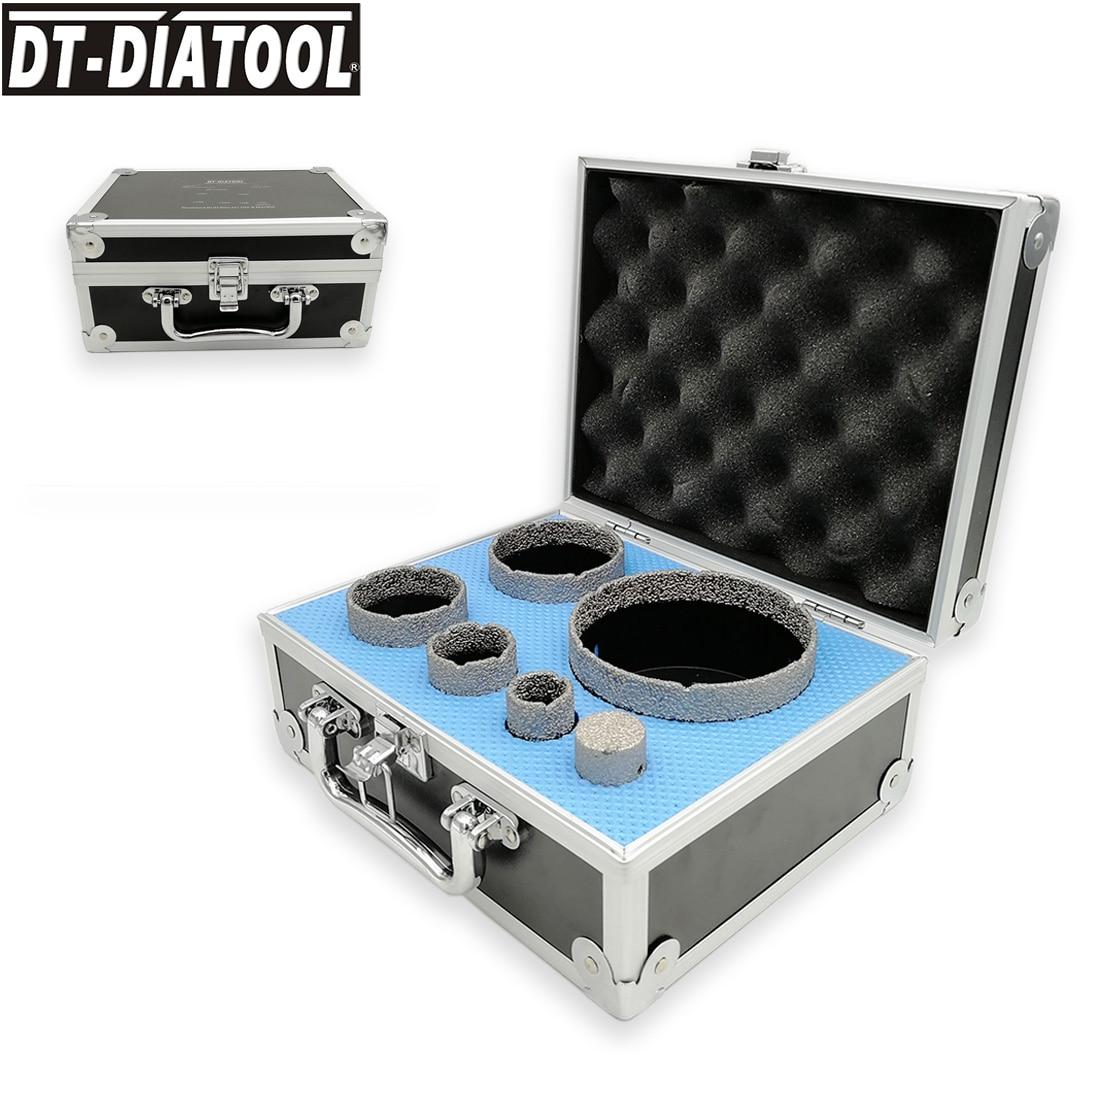 DT DIATOOL 6pcs kit Vacuum Brazed Diamond Drilling Core Bits Sets 5 8 11 Thread Hole